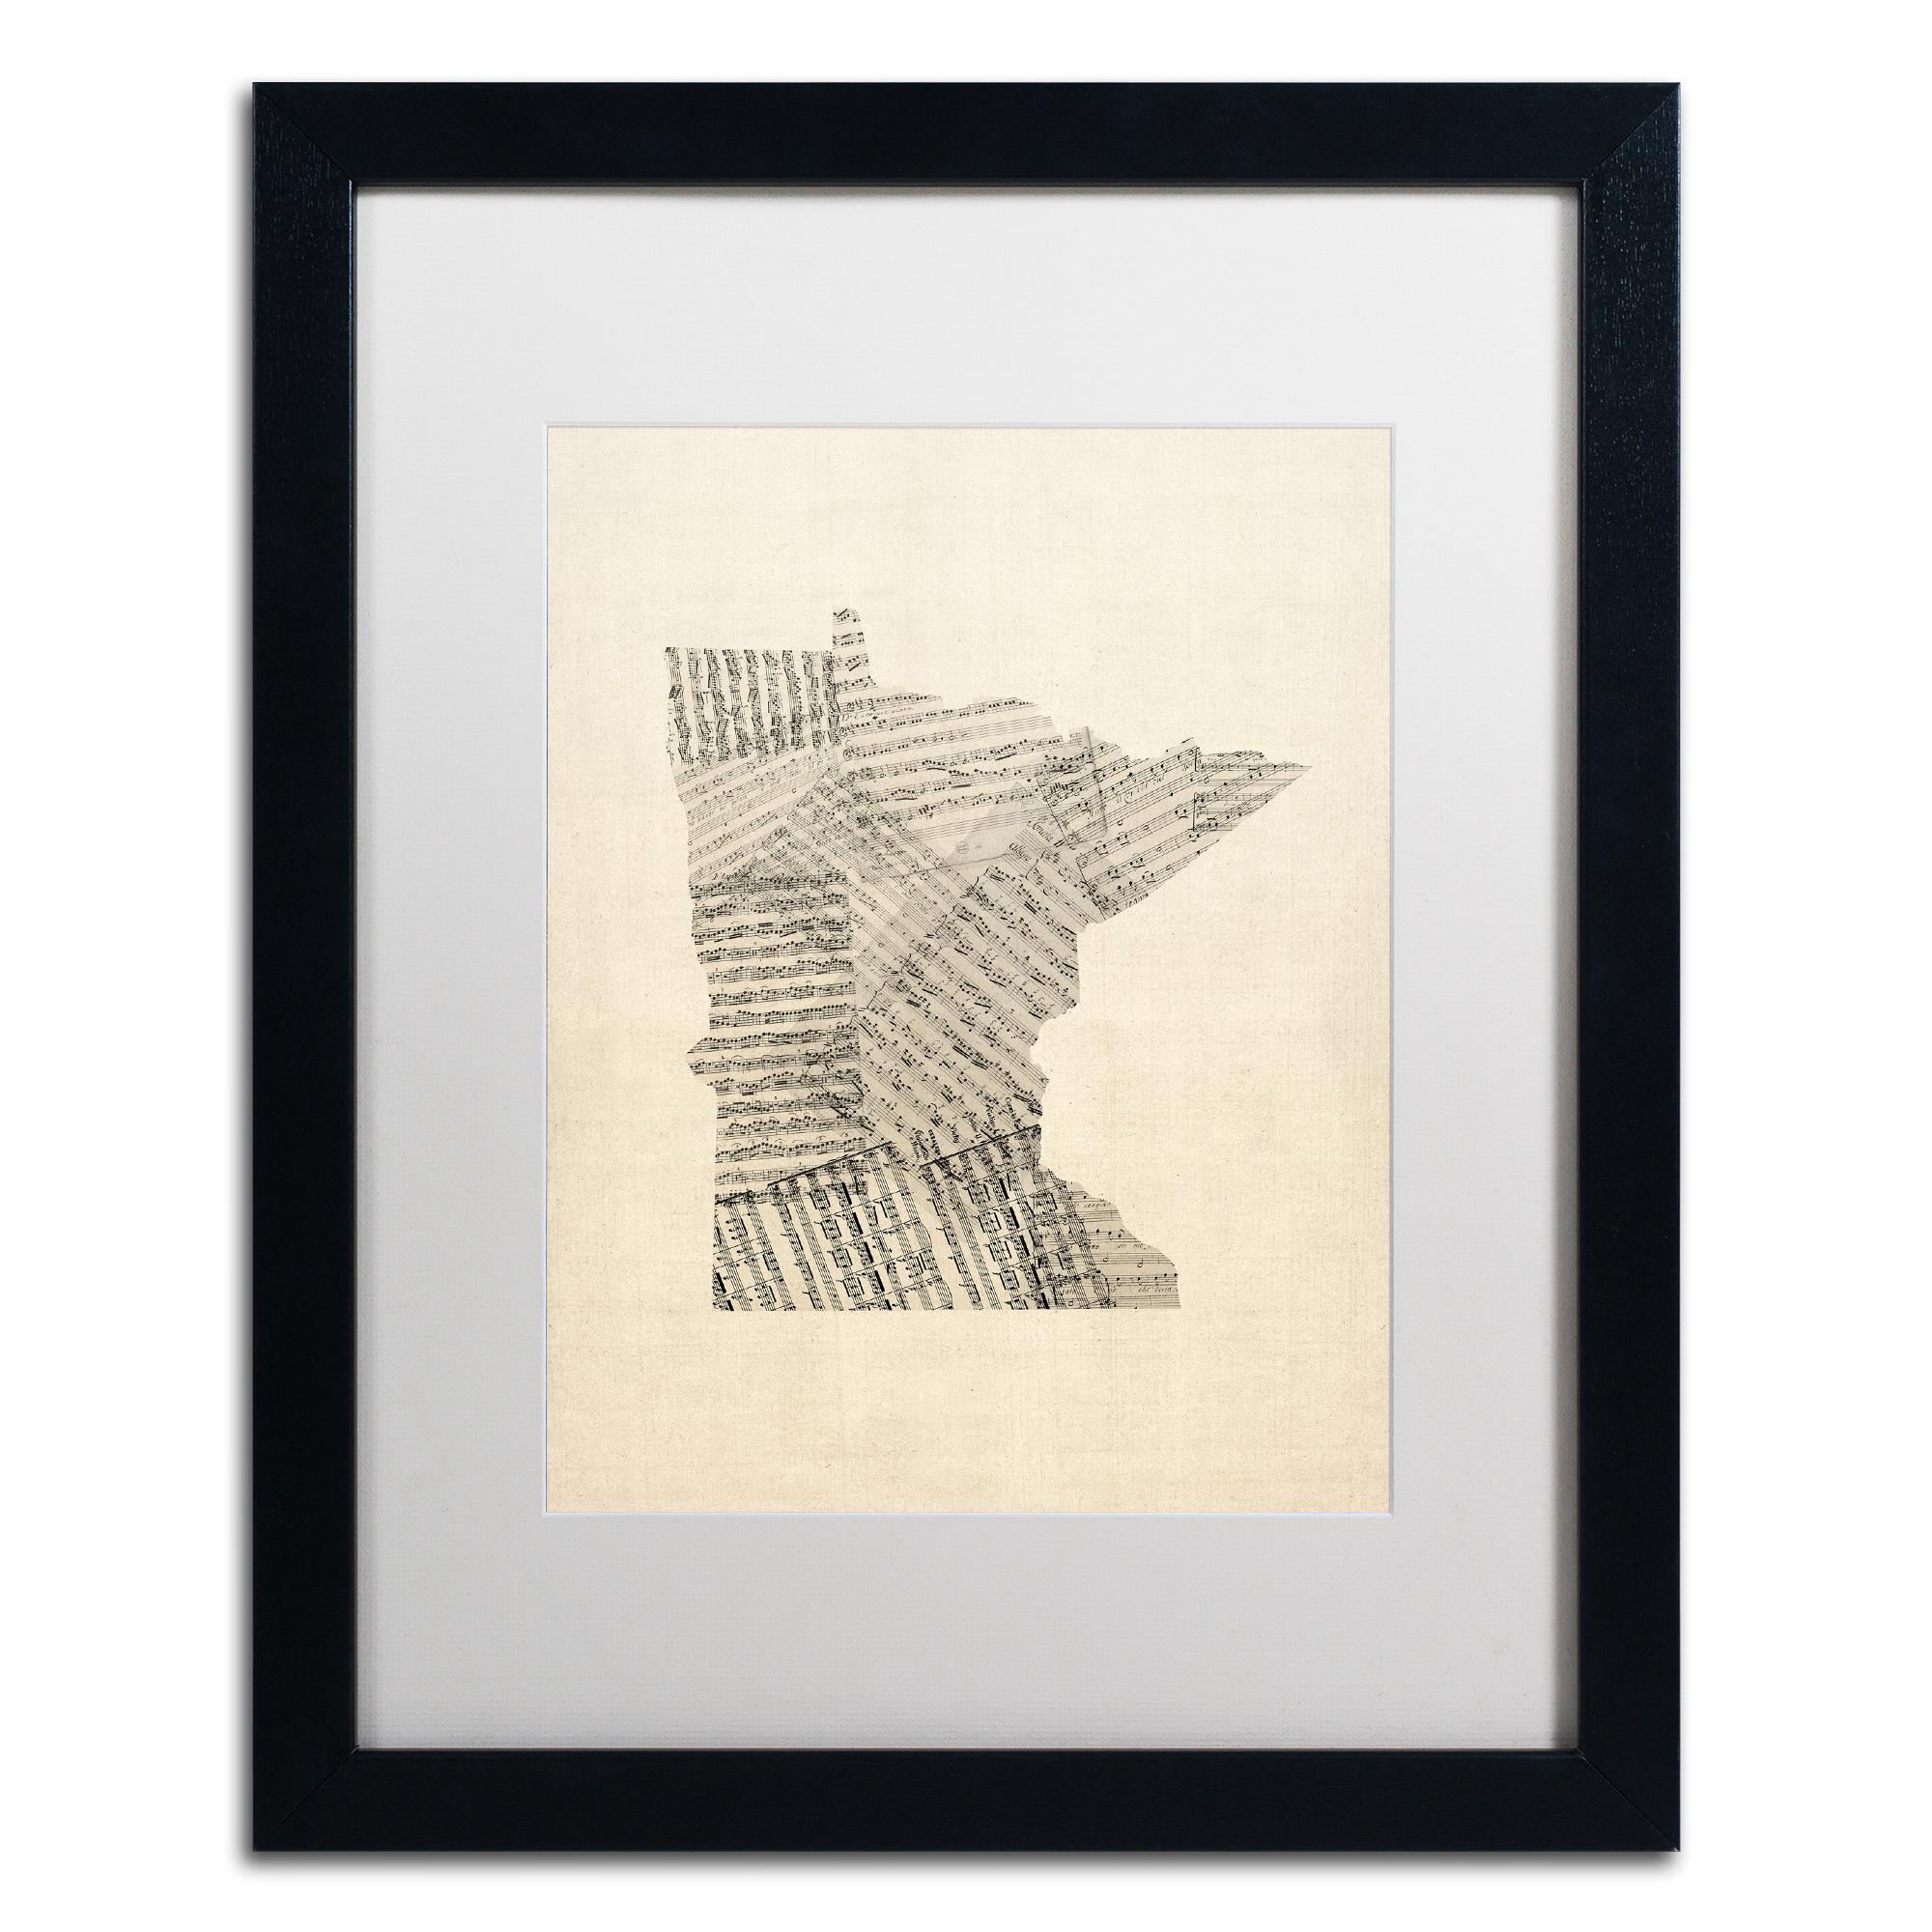 Michael Tompsett 'Old Sheet Music Map of Minnesota' Black Wooden Framed Art 18 x 22 Inches